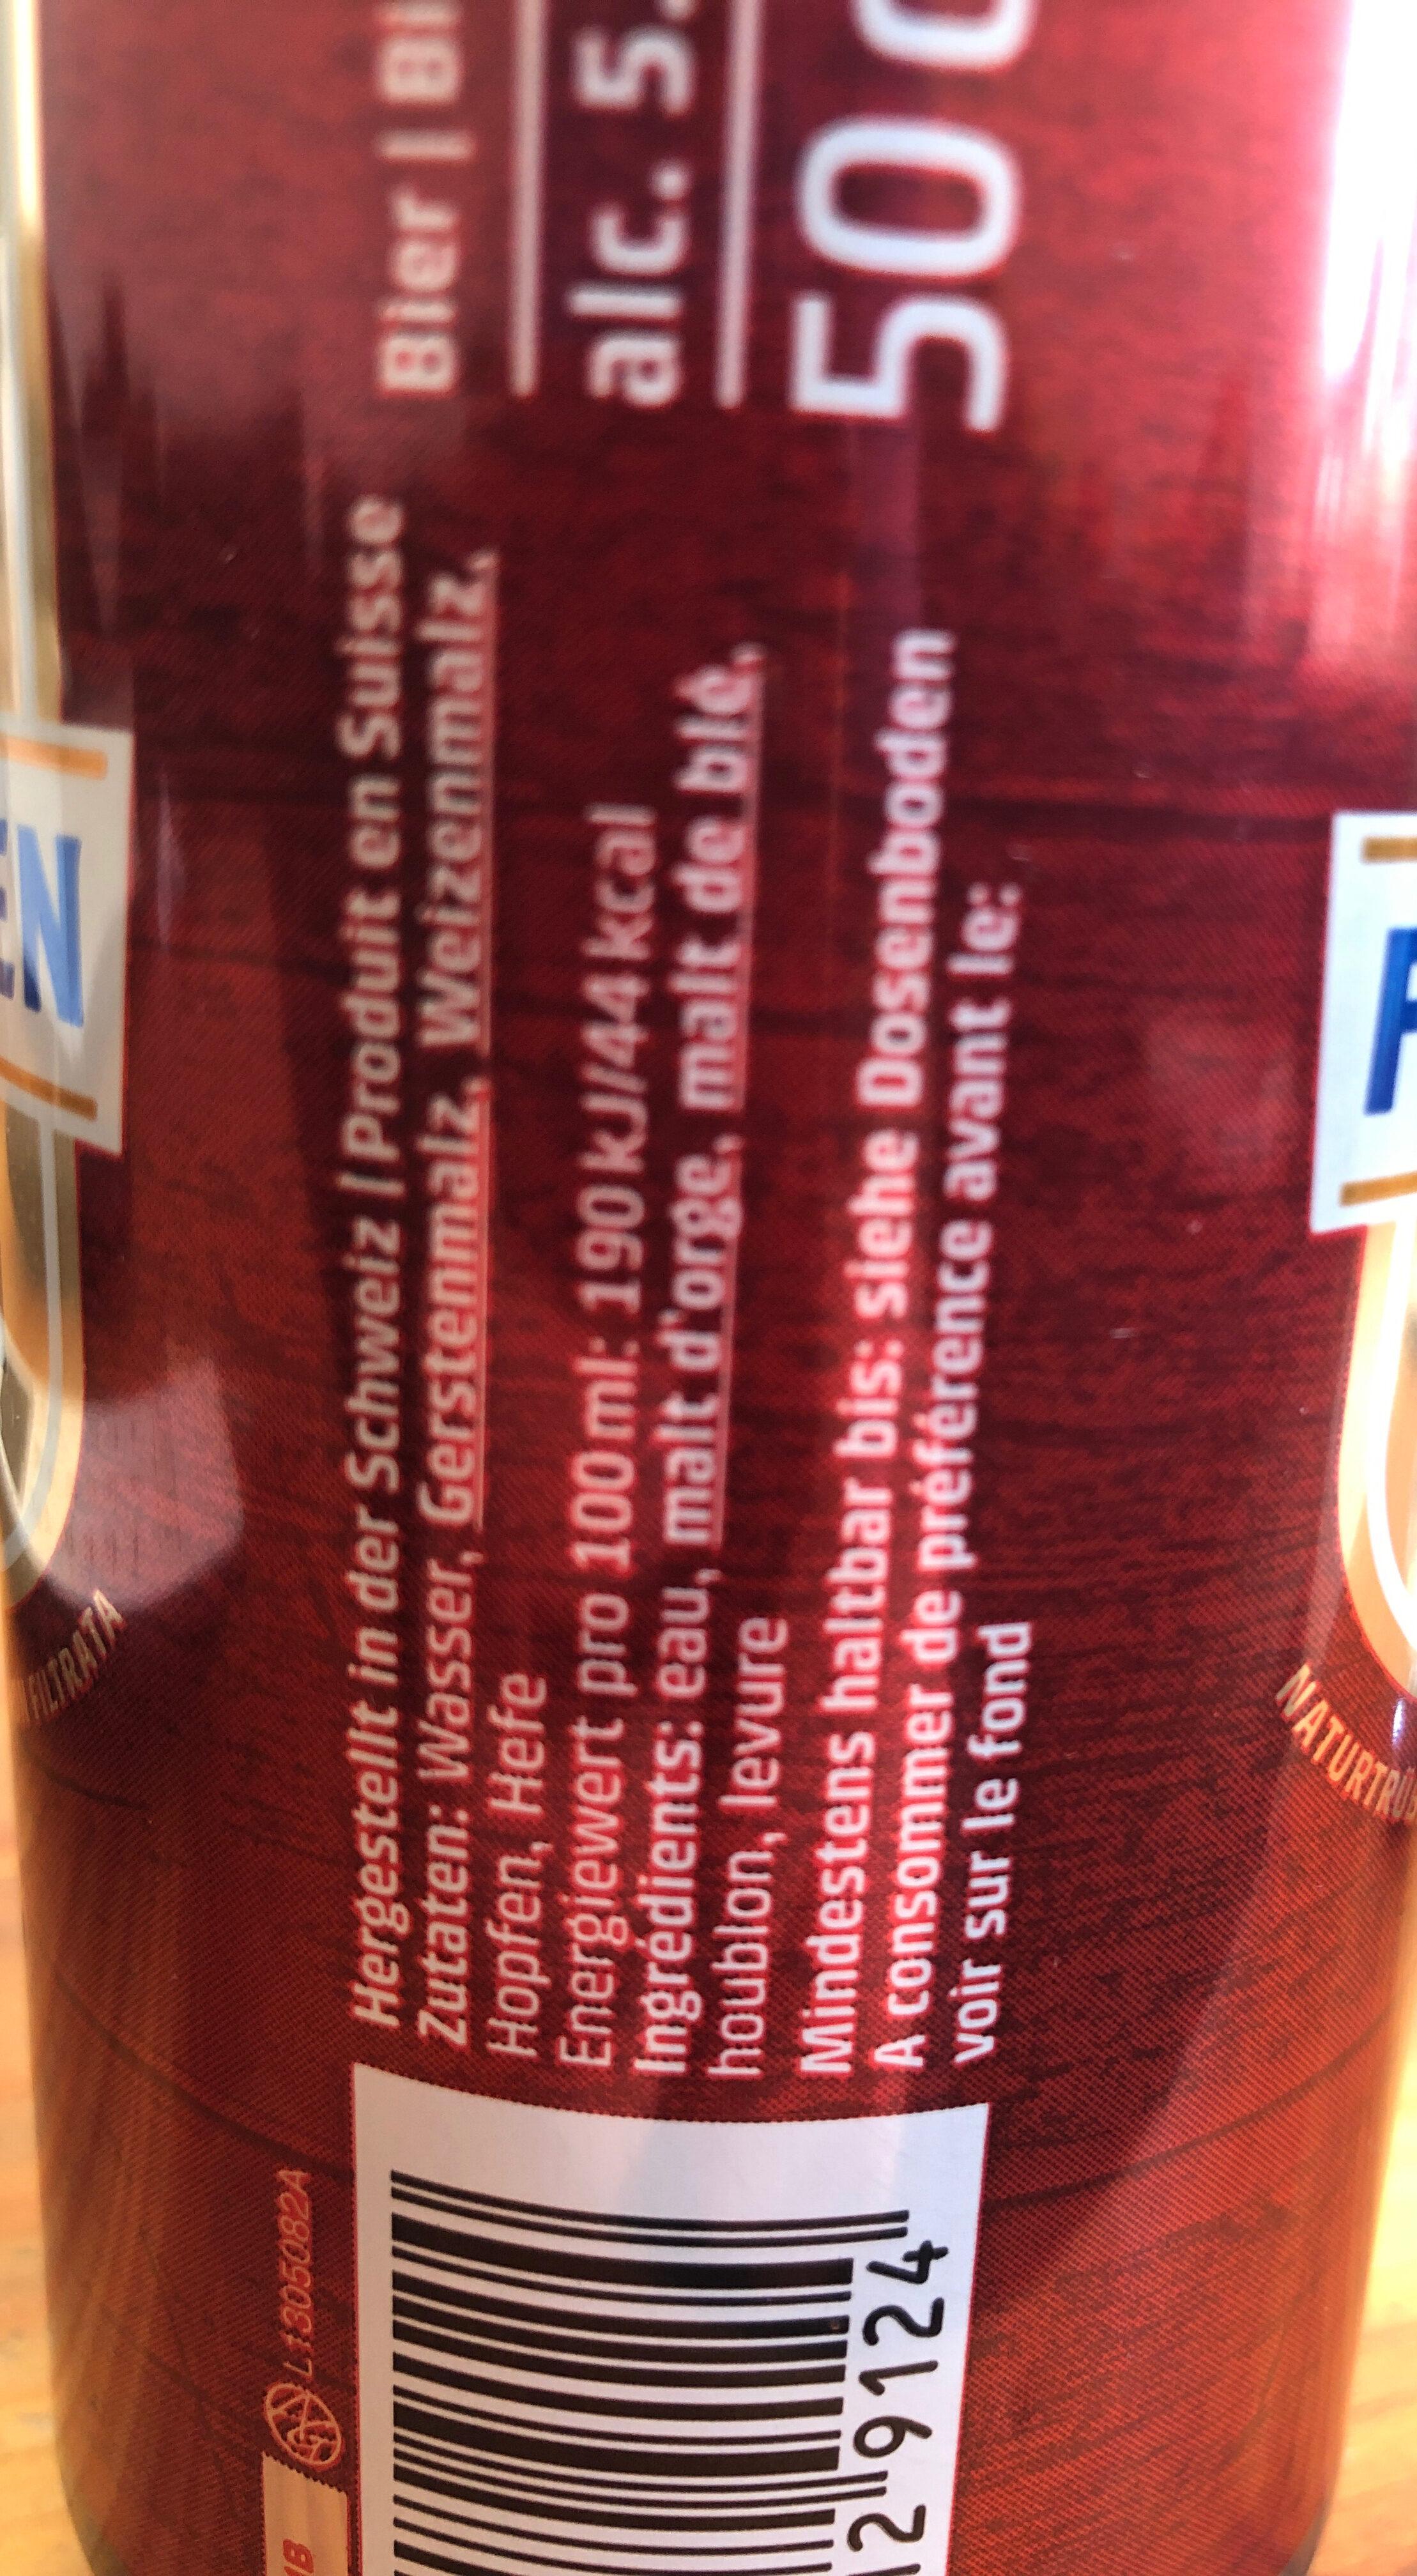 FELDSCHLÖSSCHEN BRAUFRISCH - Ingrediënten